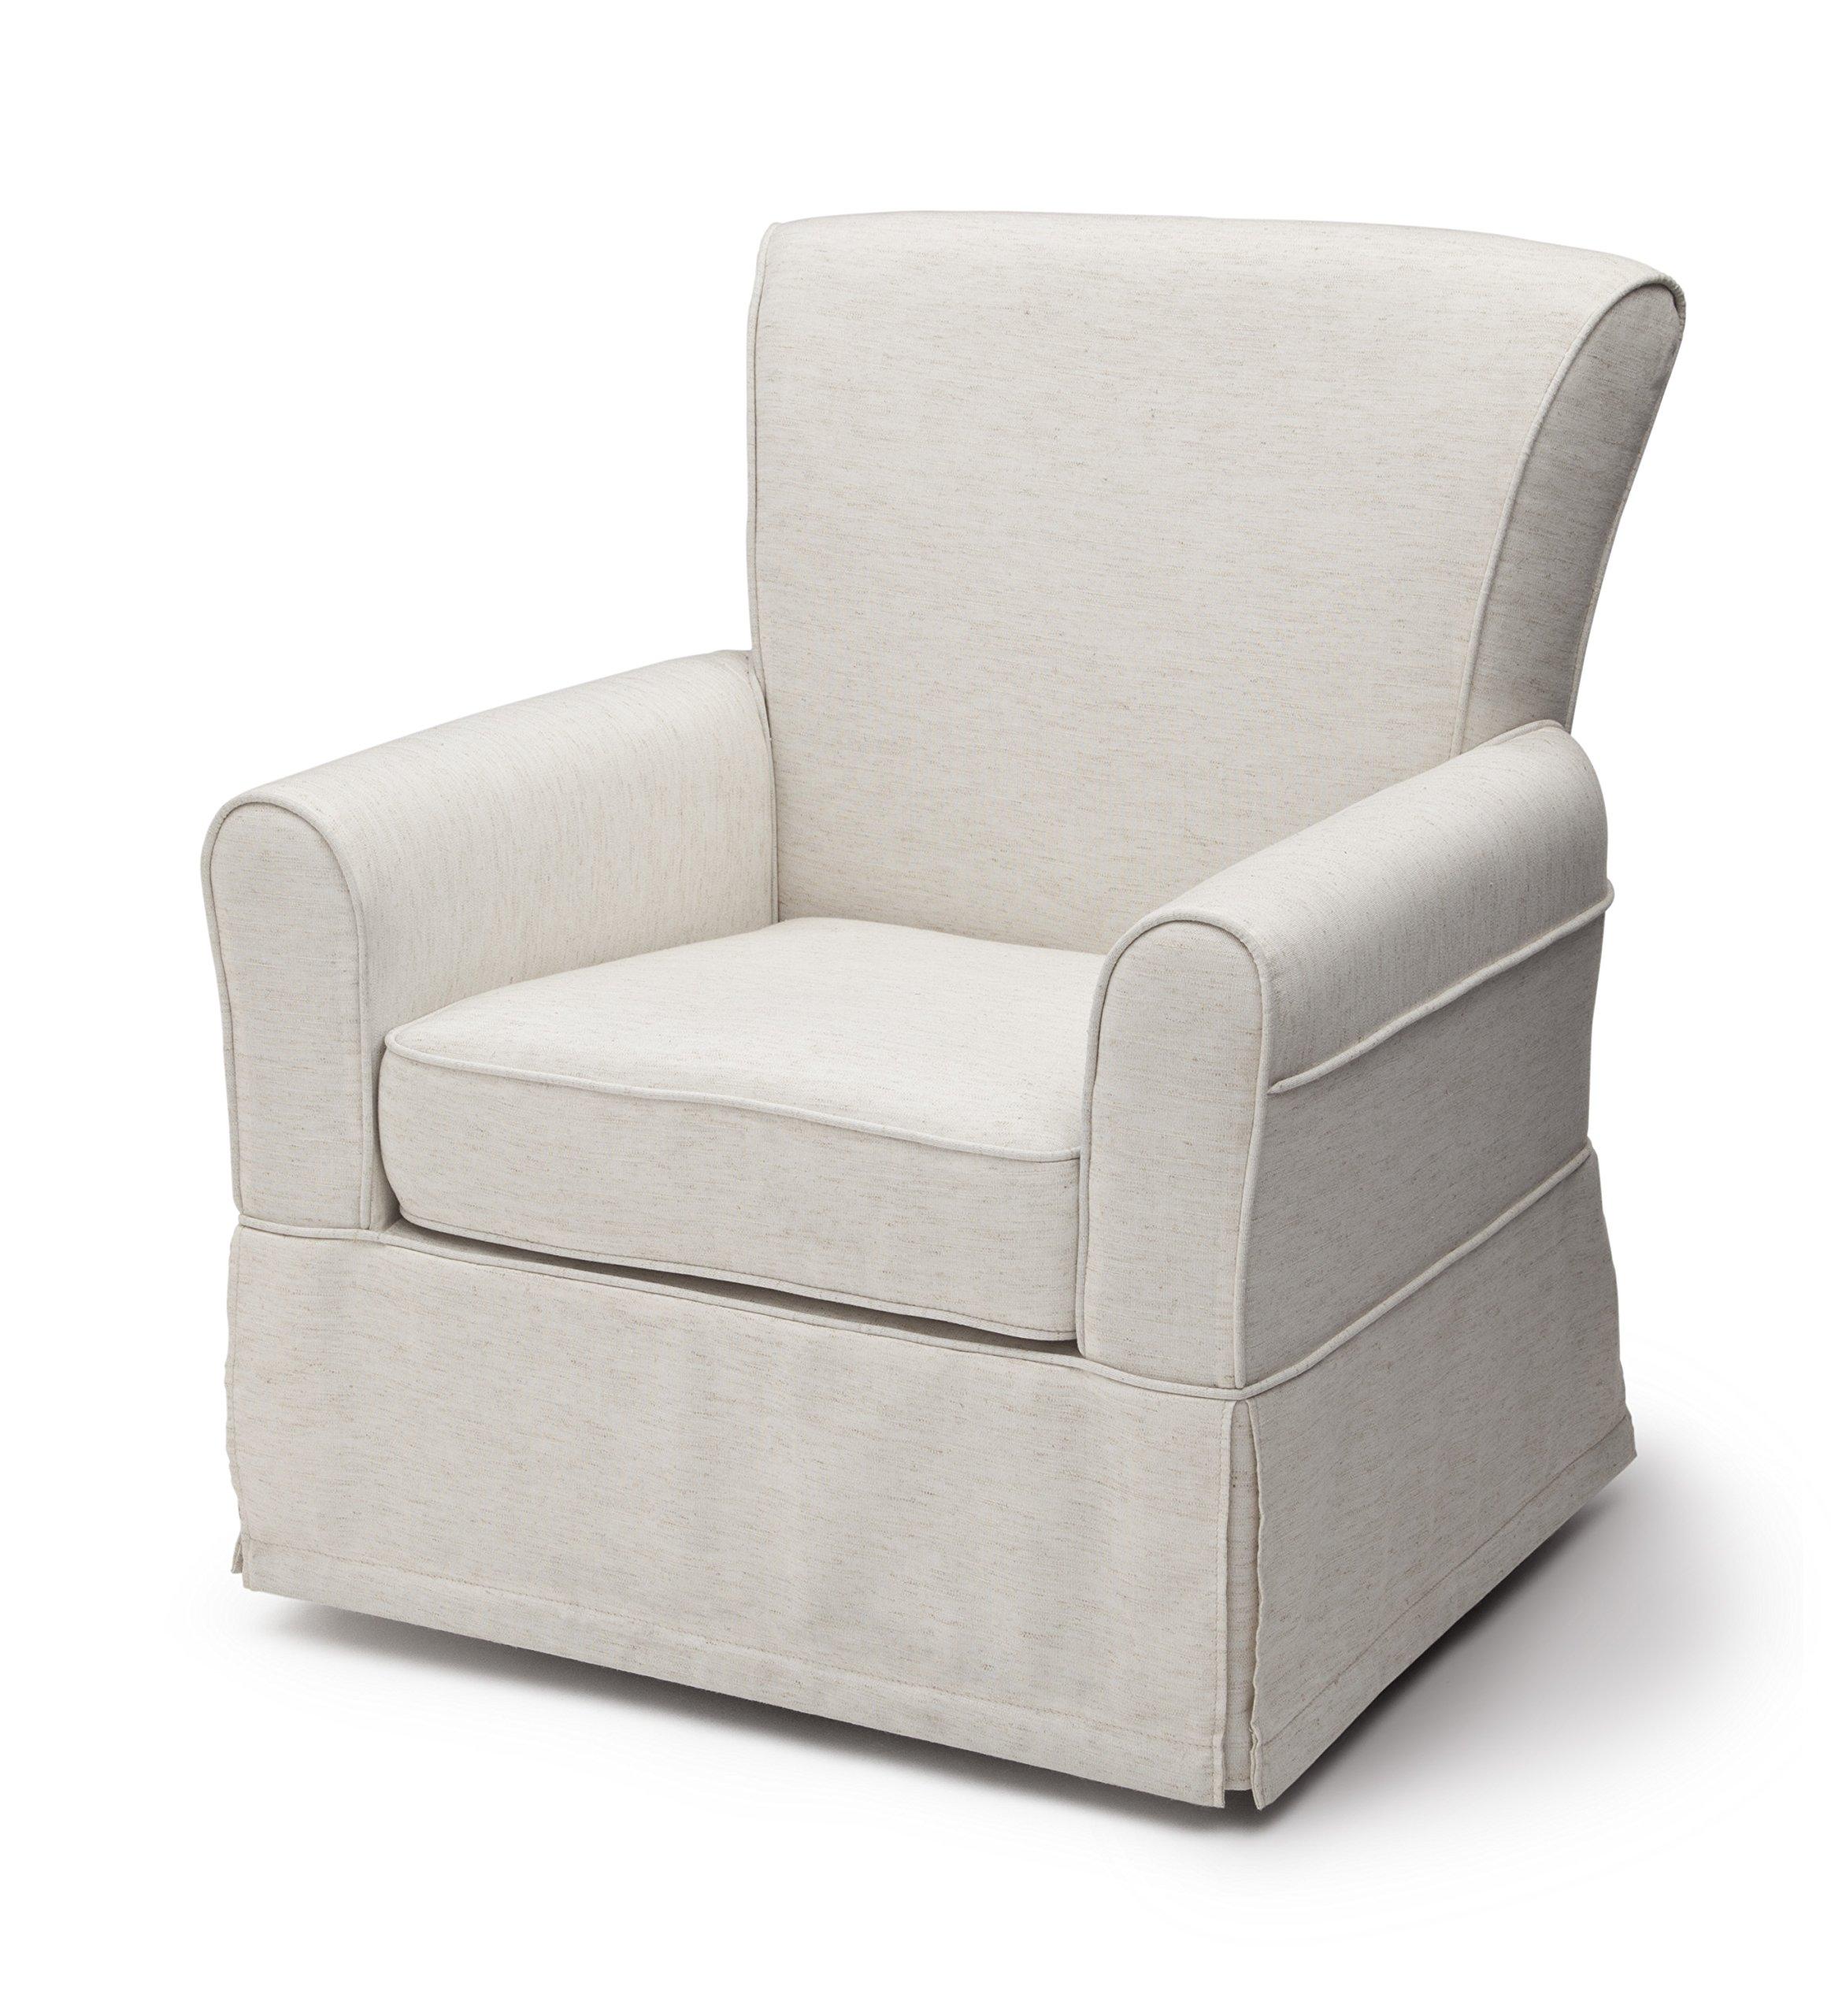 Delta Furniture Upholstered Glider Swivel Rocker Chair, Sand